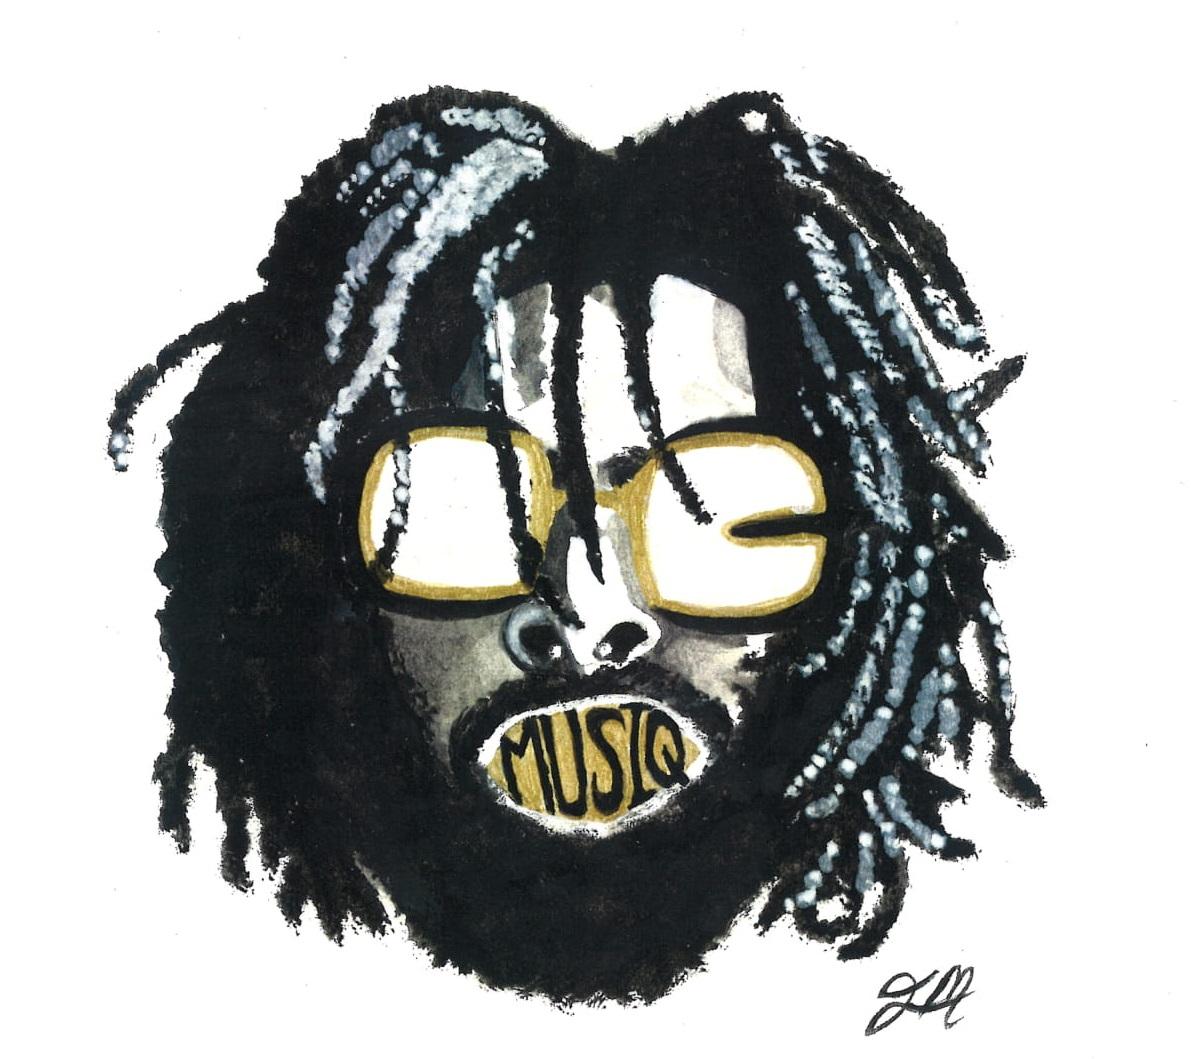 C3 Musiq